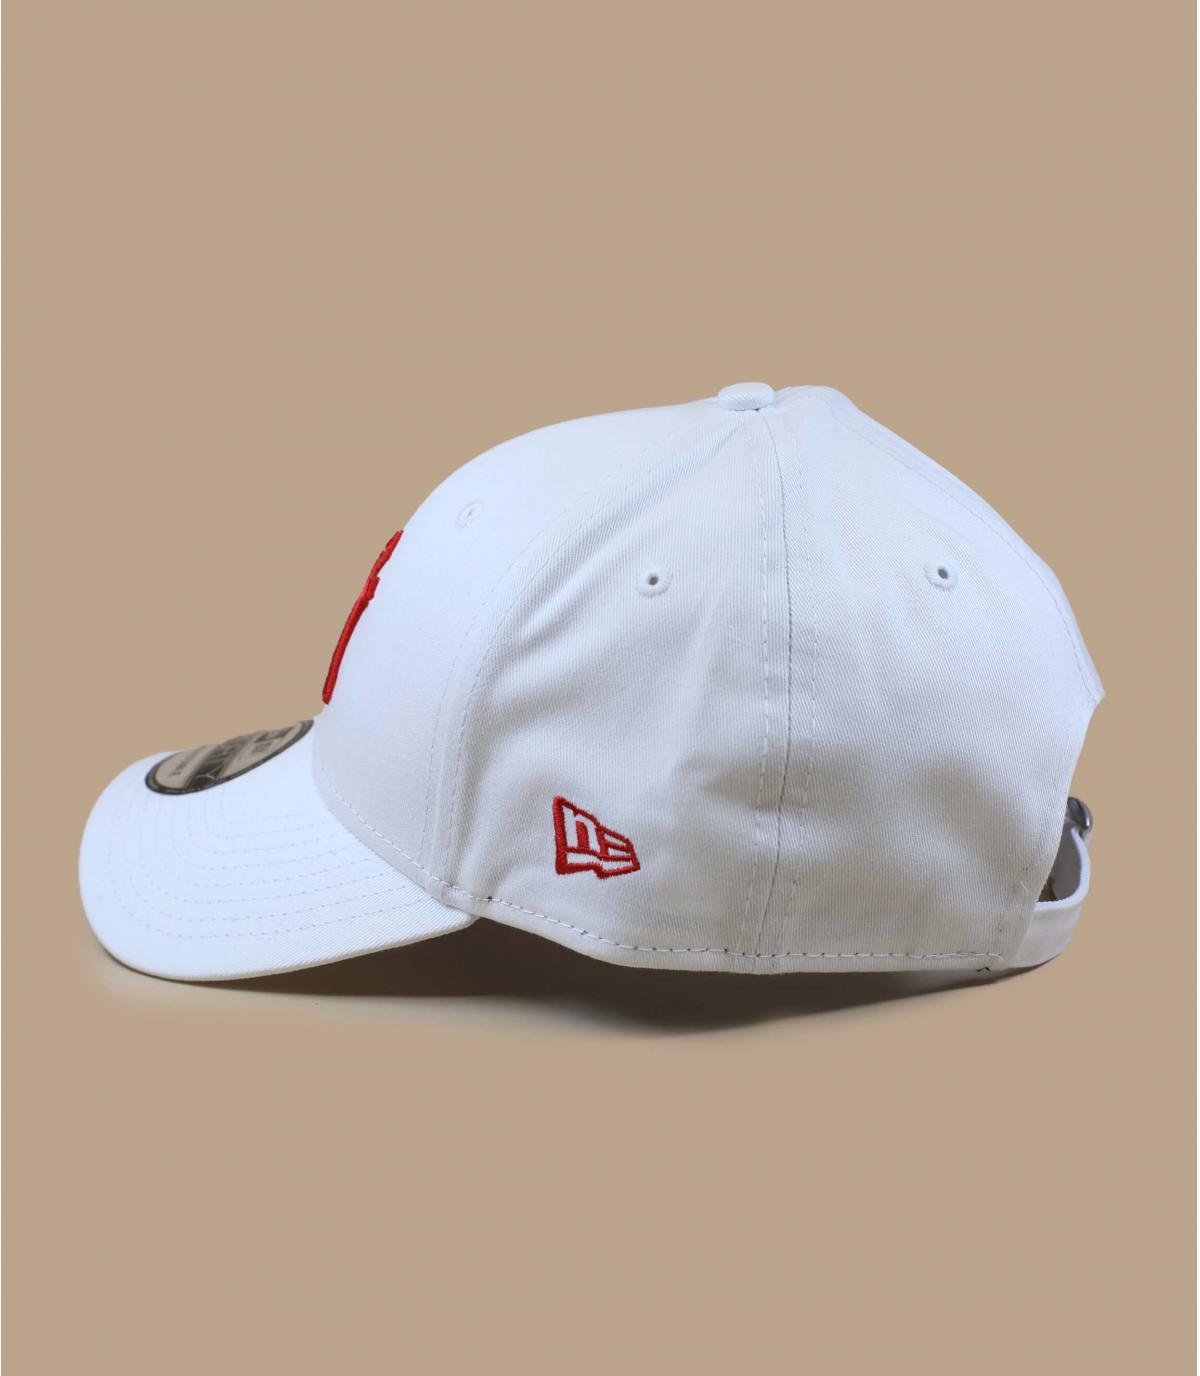 Détails Casquette League Ess 940 NY white red - image 4